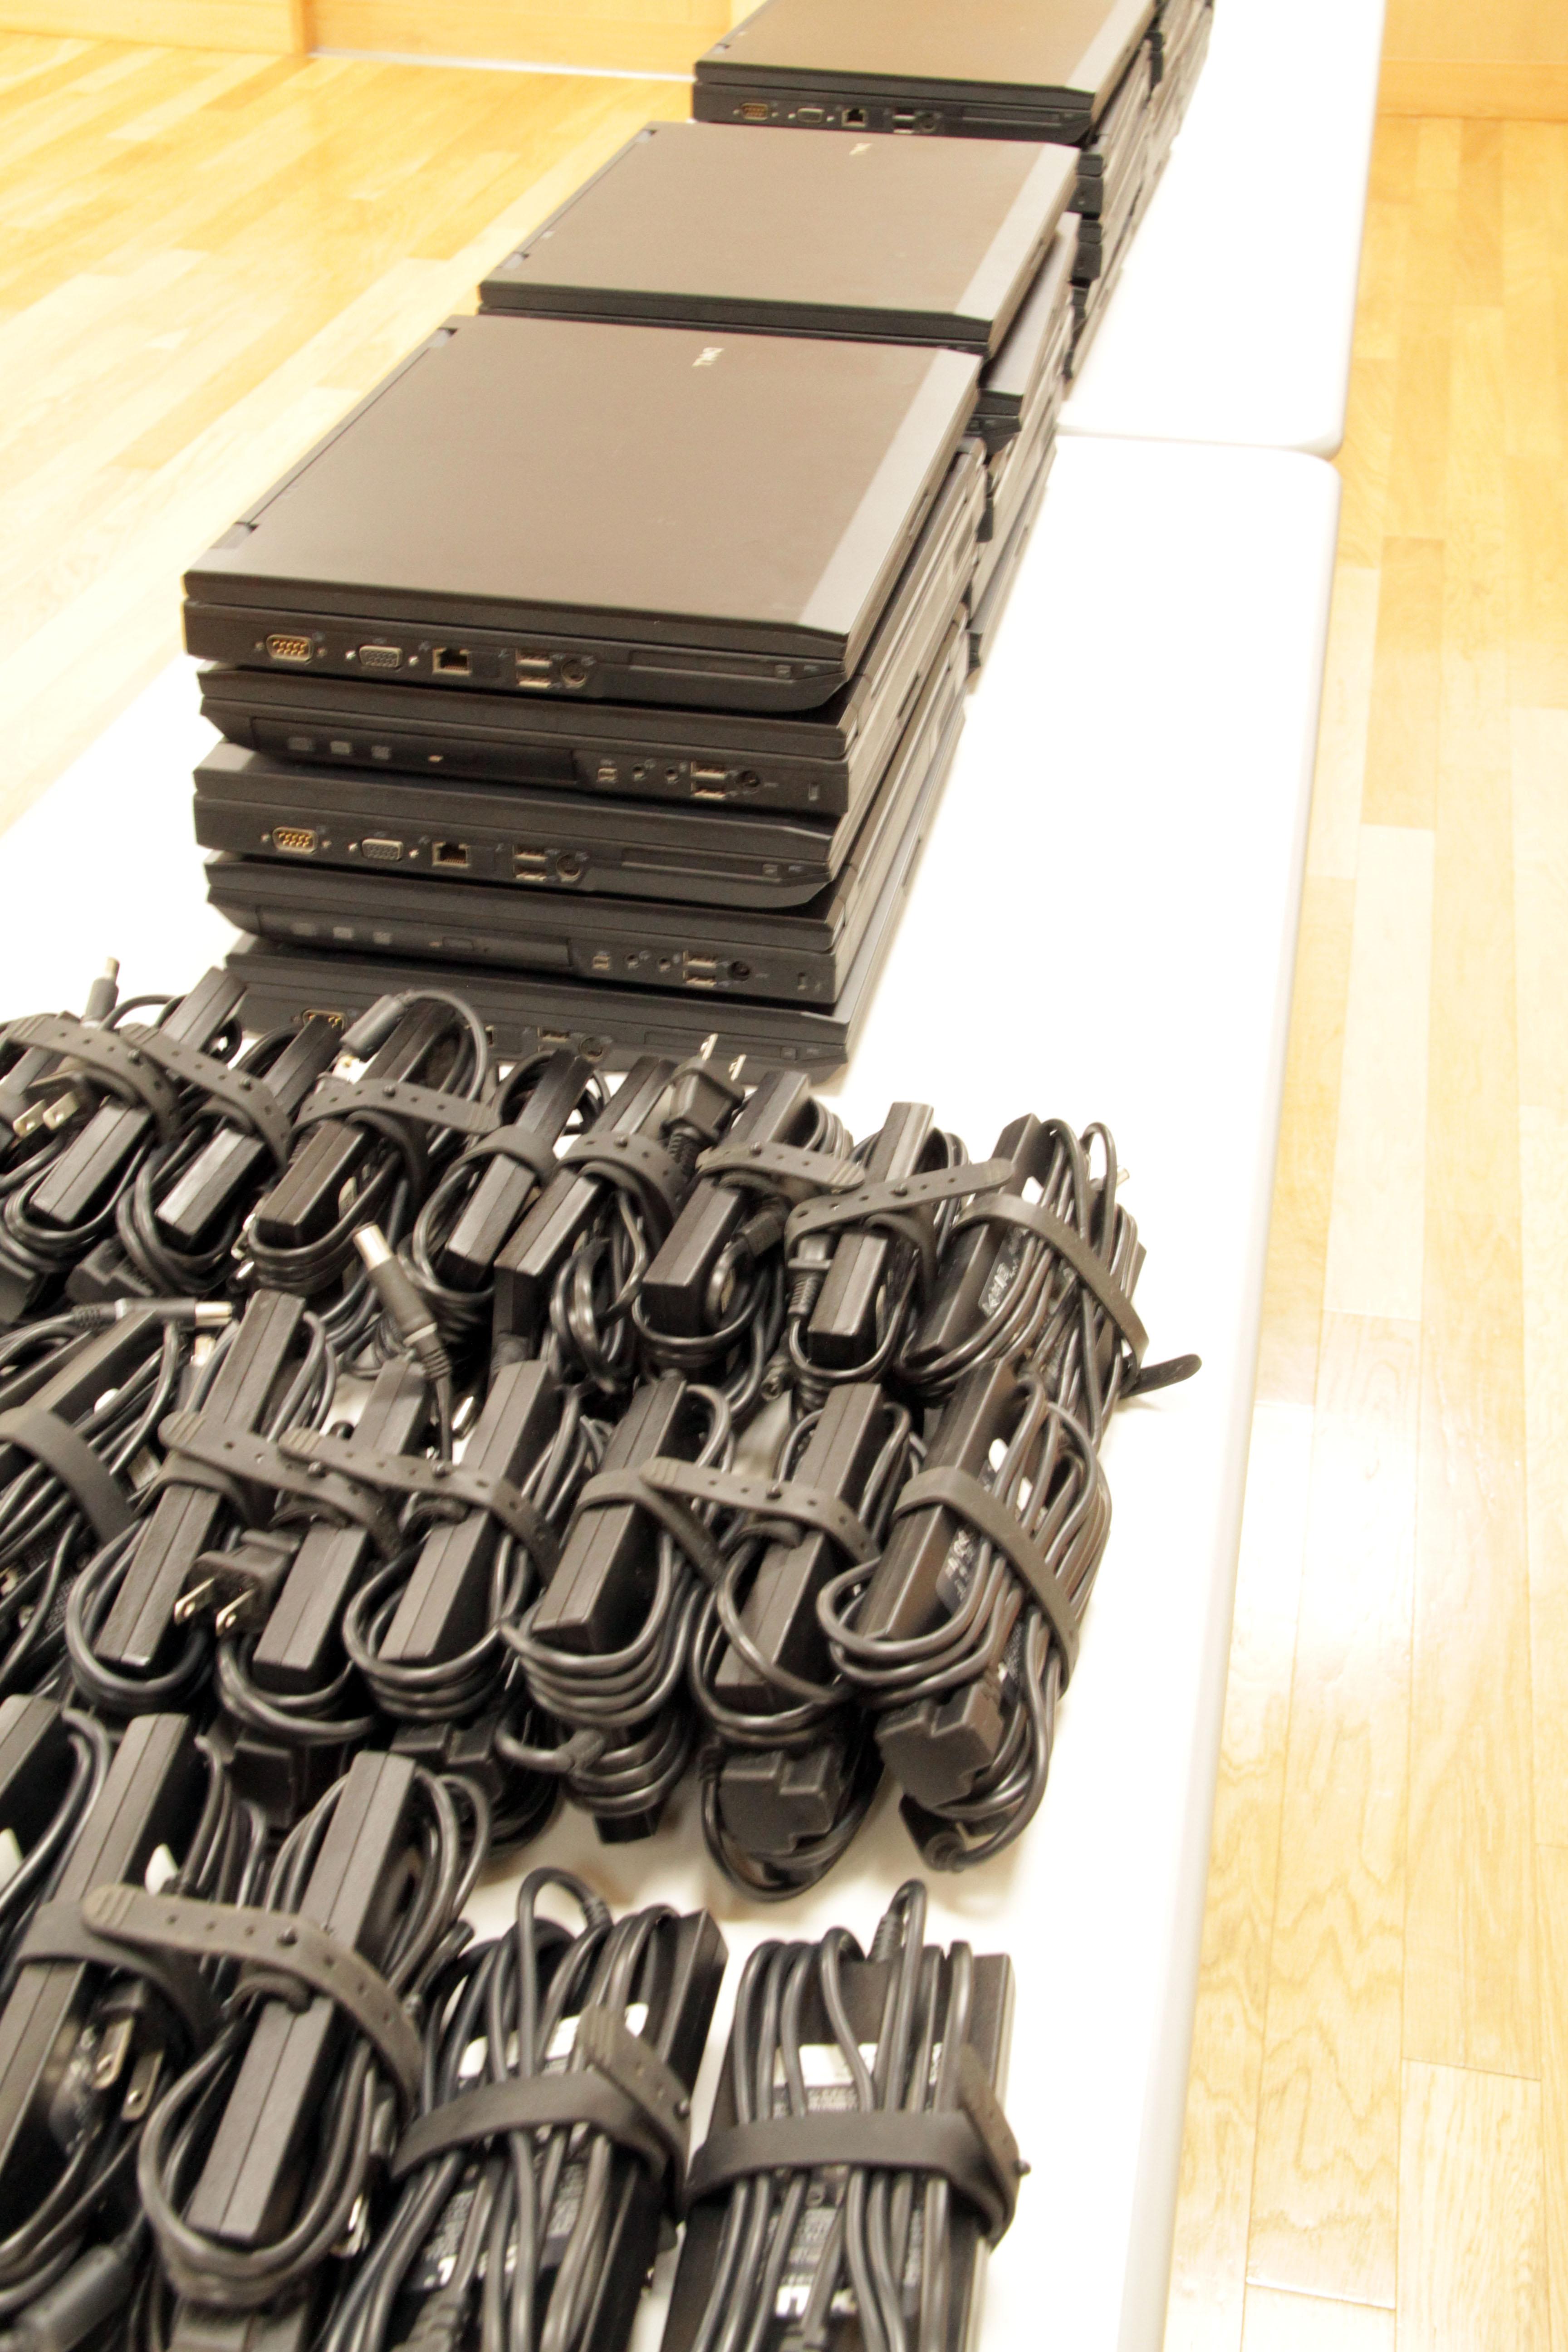 ノートPCを年内でトータル96台寄贈します